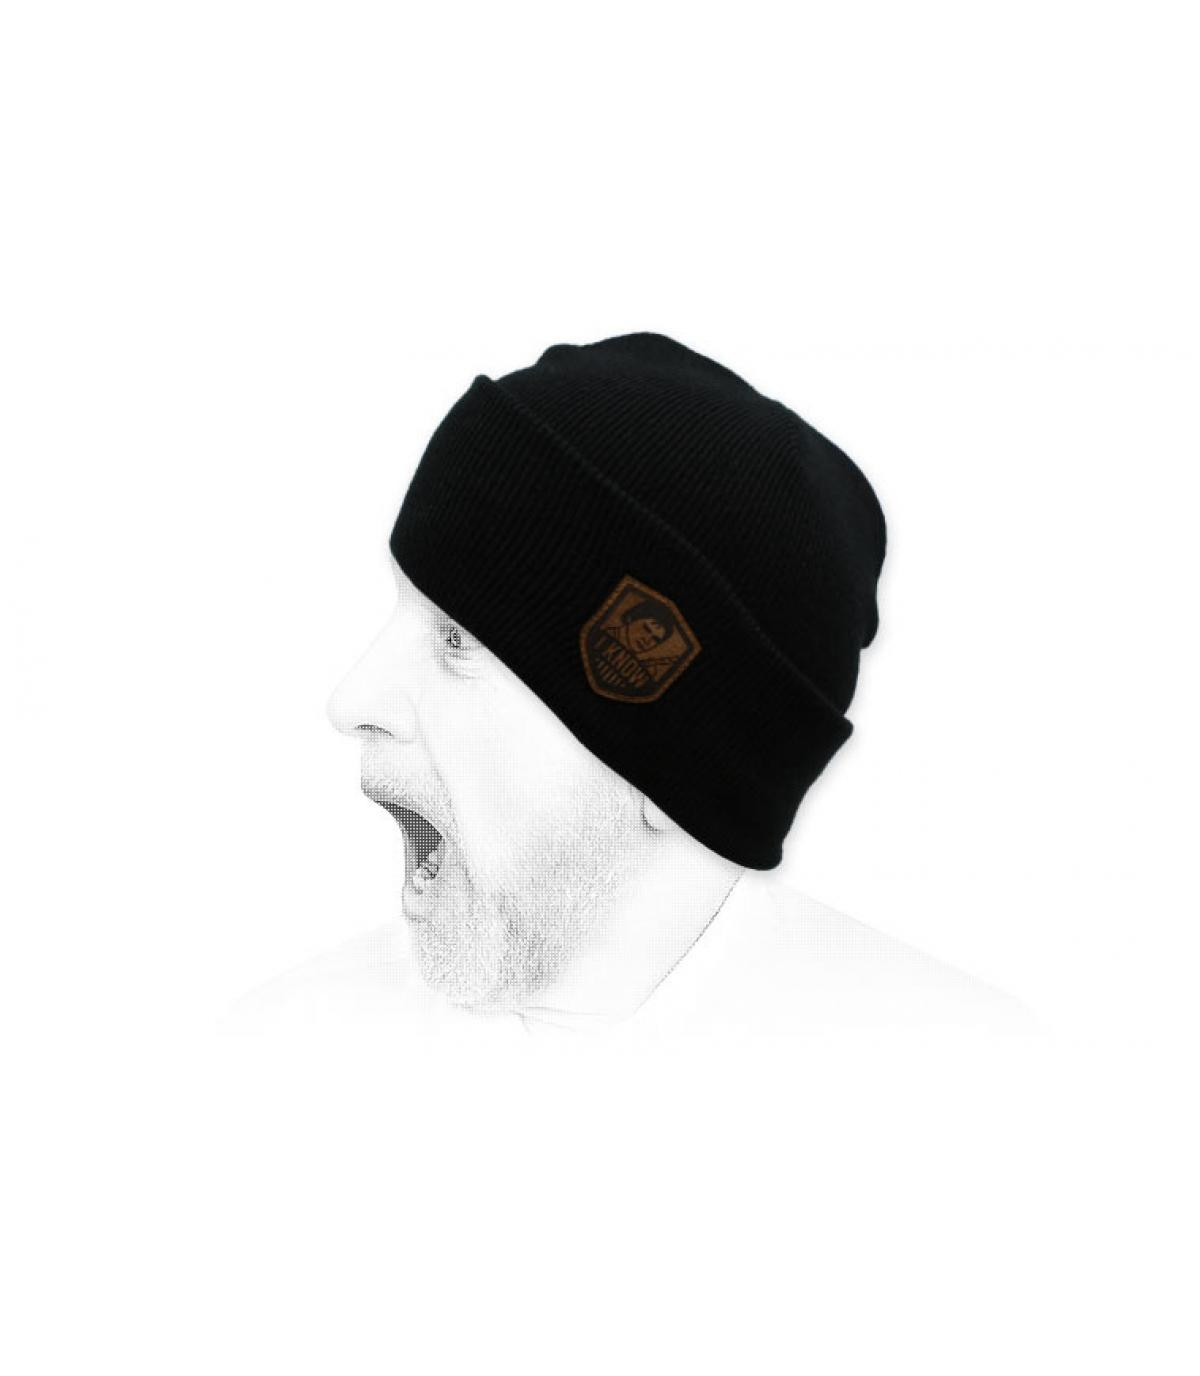 Ik ken zwarte hoed